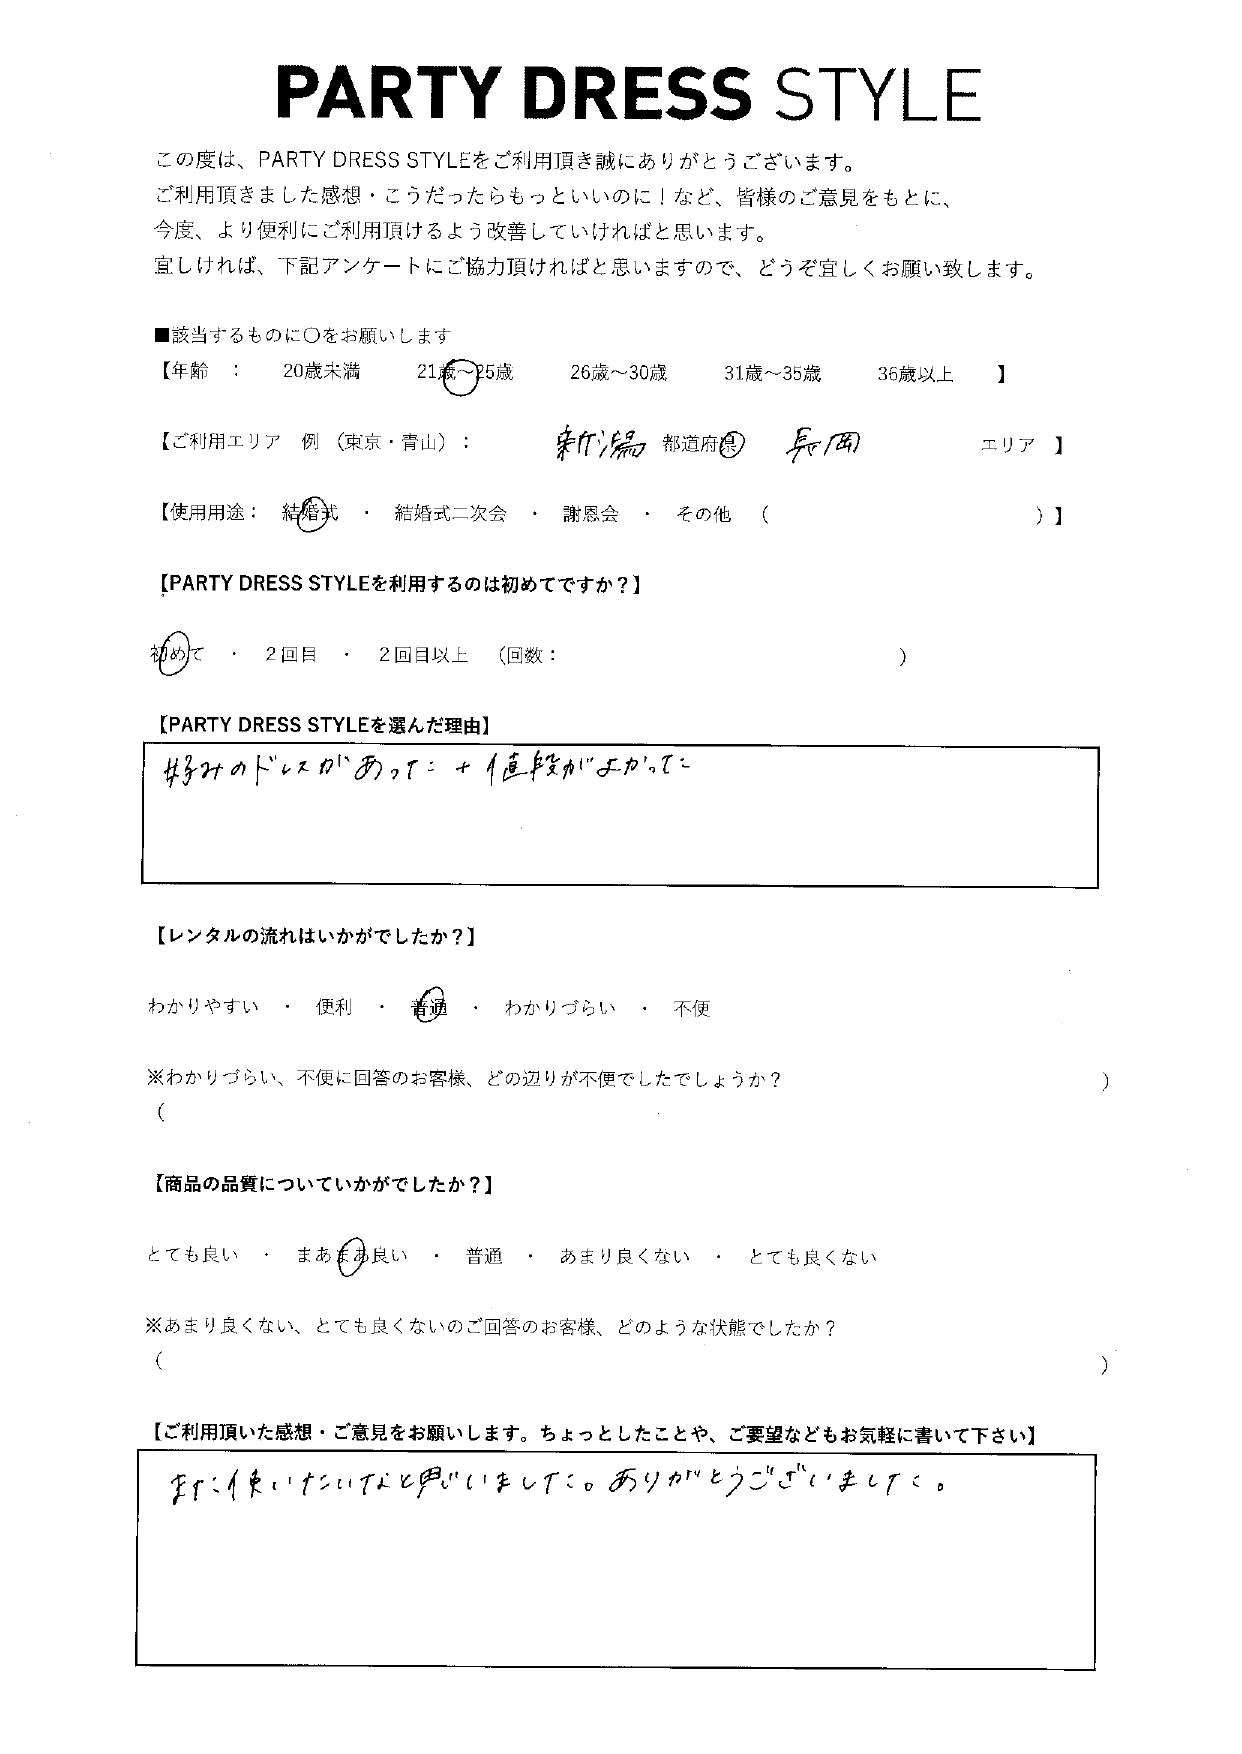 9/4結婚式ご利用 新潟・長岡エリア